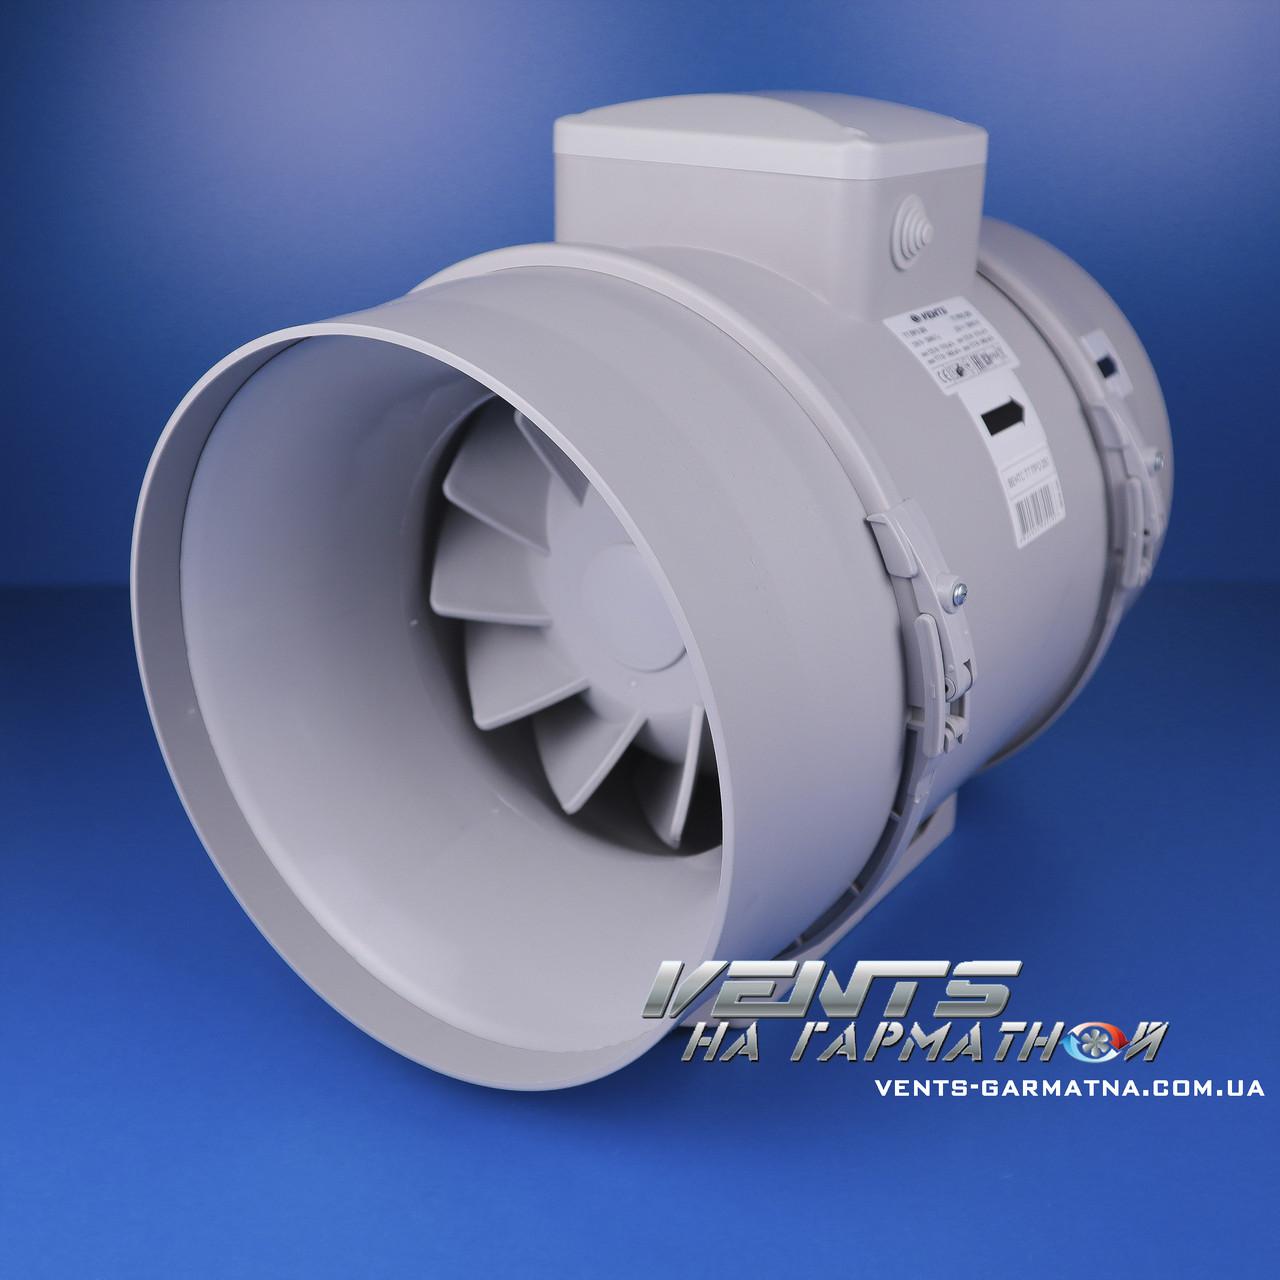 Вентс ТТ ПРО 200. Канальный вентилятор смешаного типа